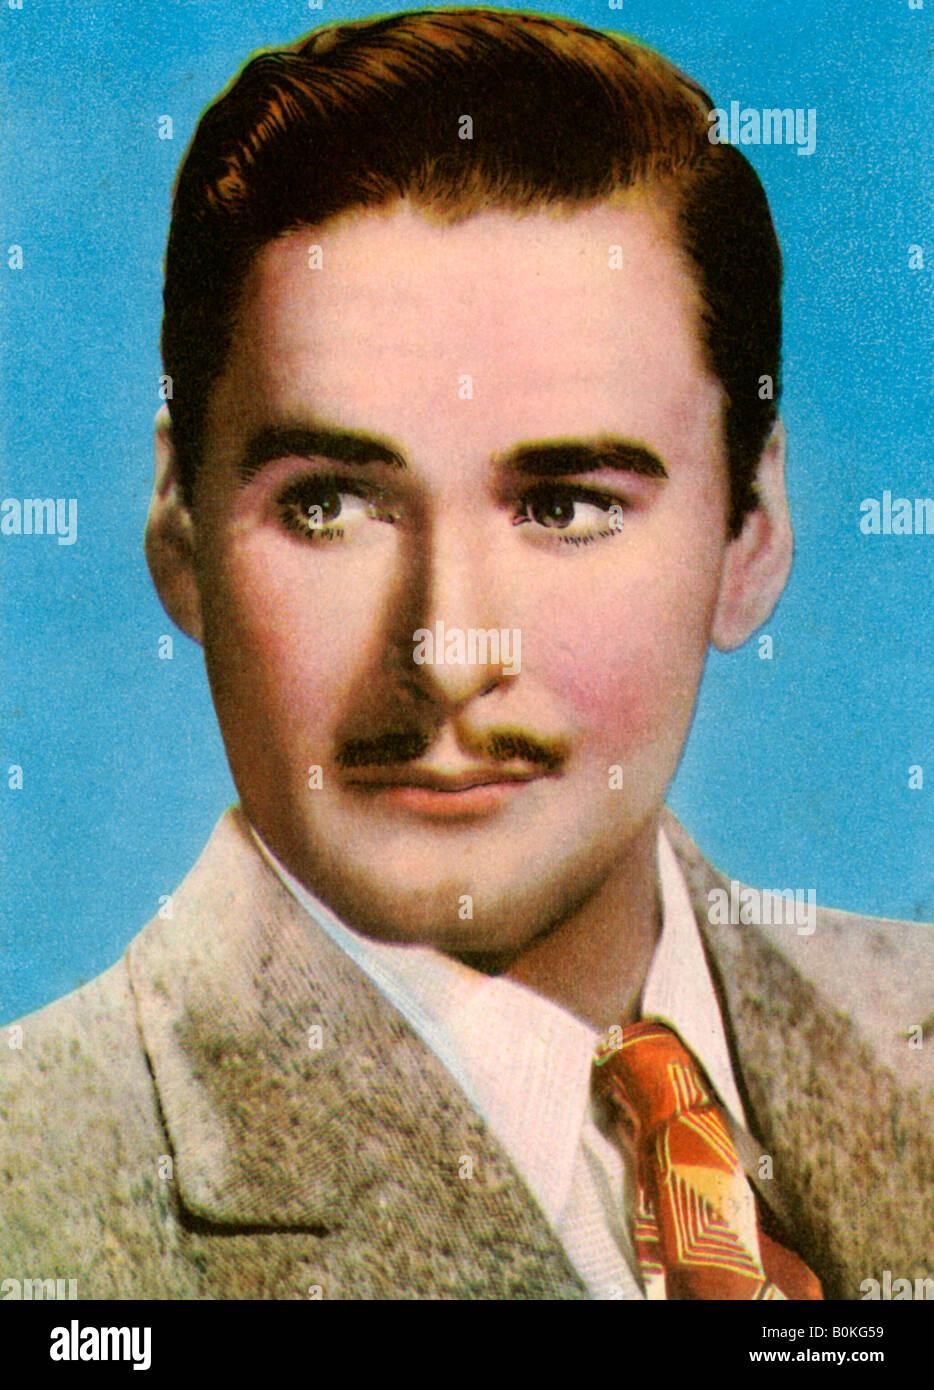 Errol Flynn (1909-1959), American film actor, 1940s. - Stock Image